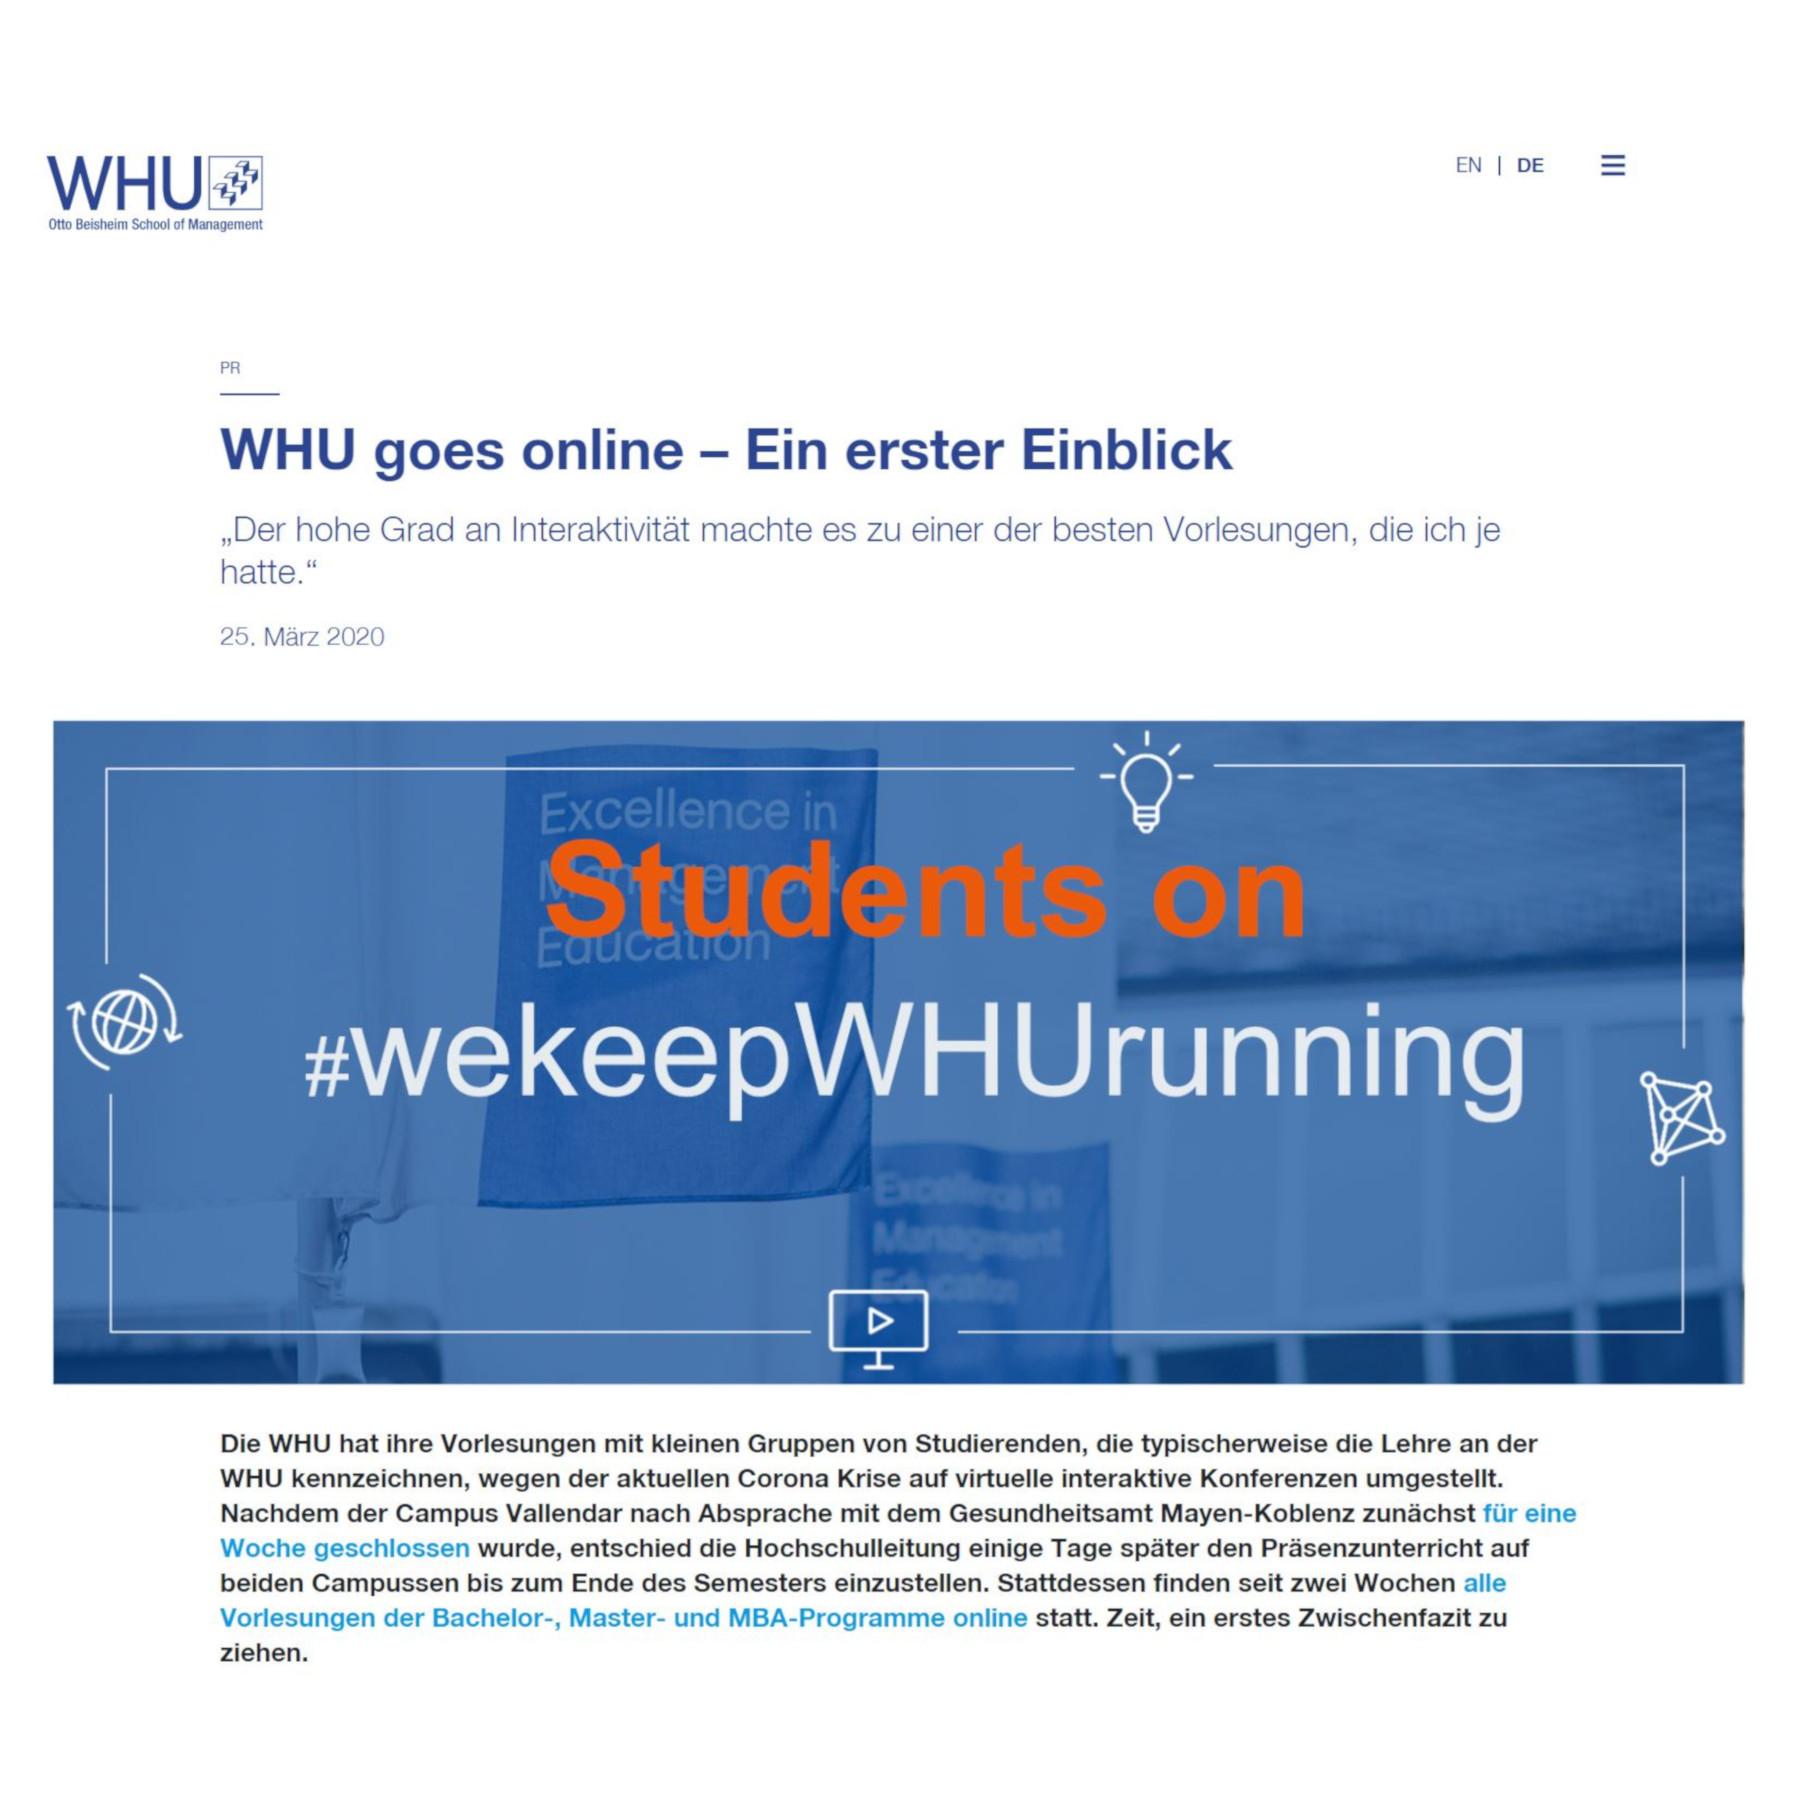 WHU Goes Online - Ein Erster Einblick